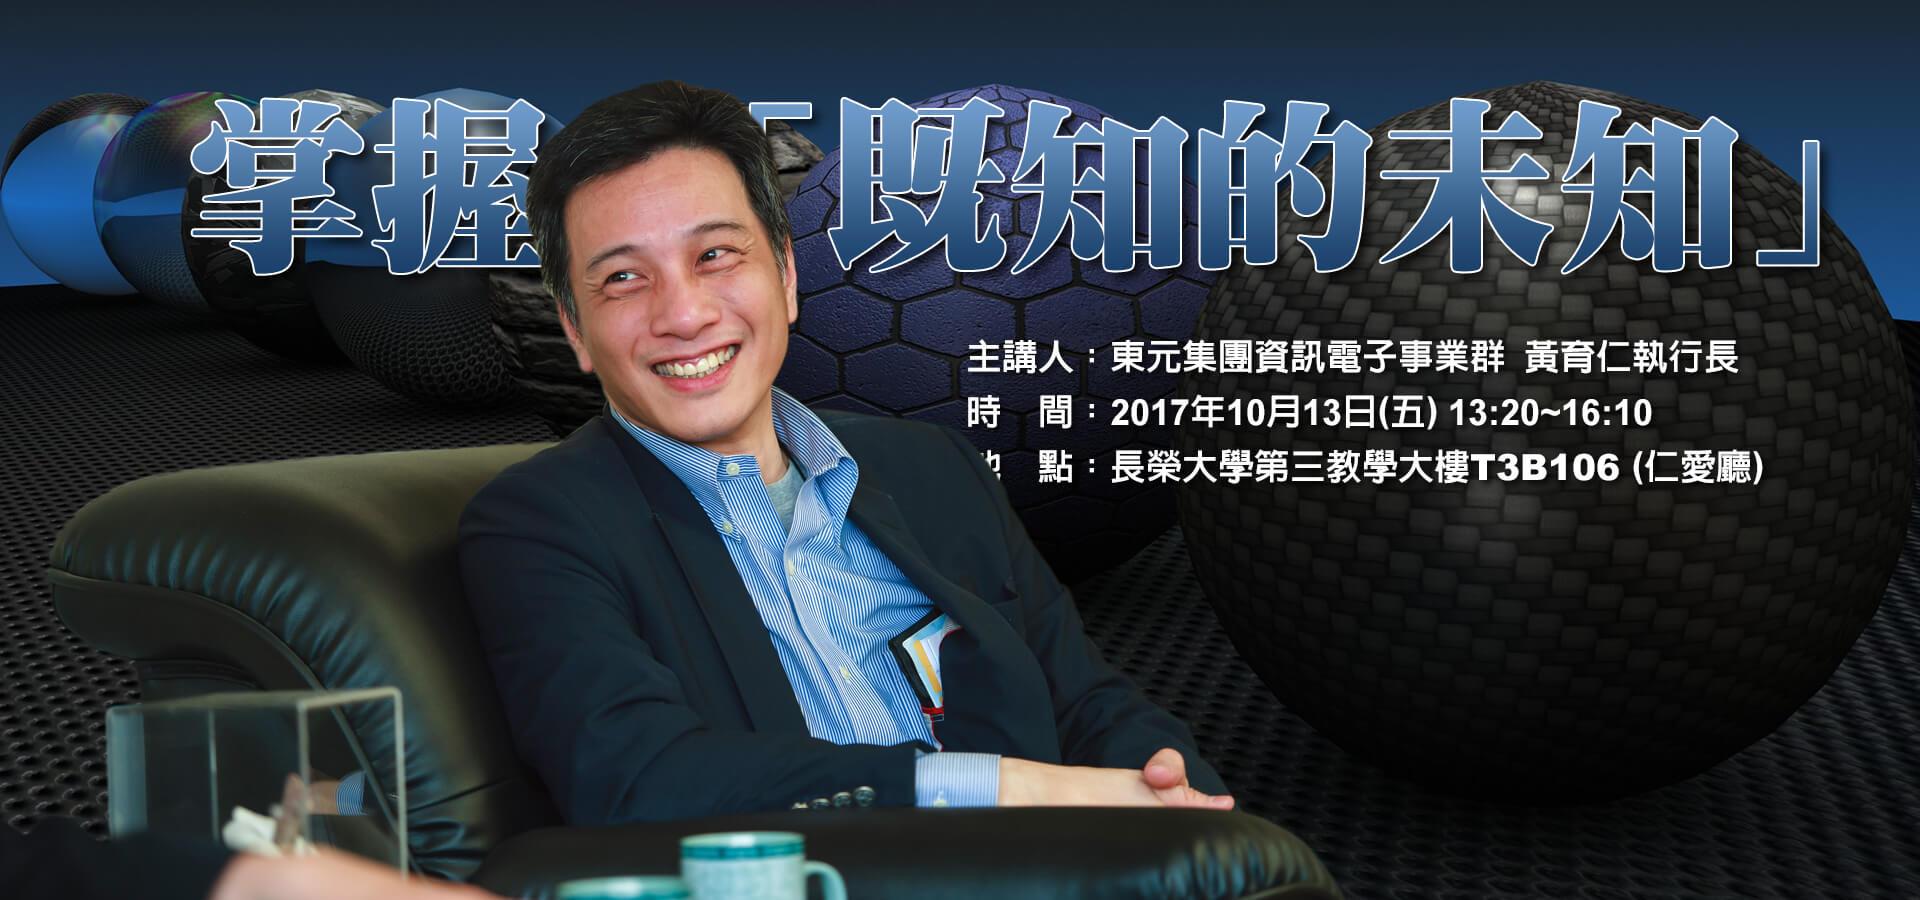 【王子濱先生管理講座】掌握「既知的未知」